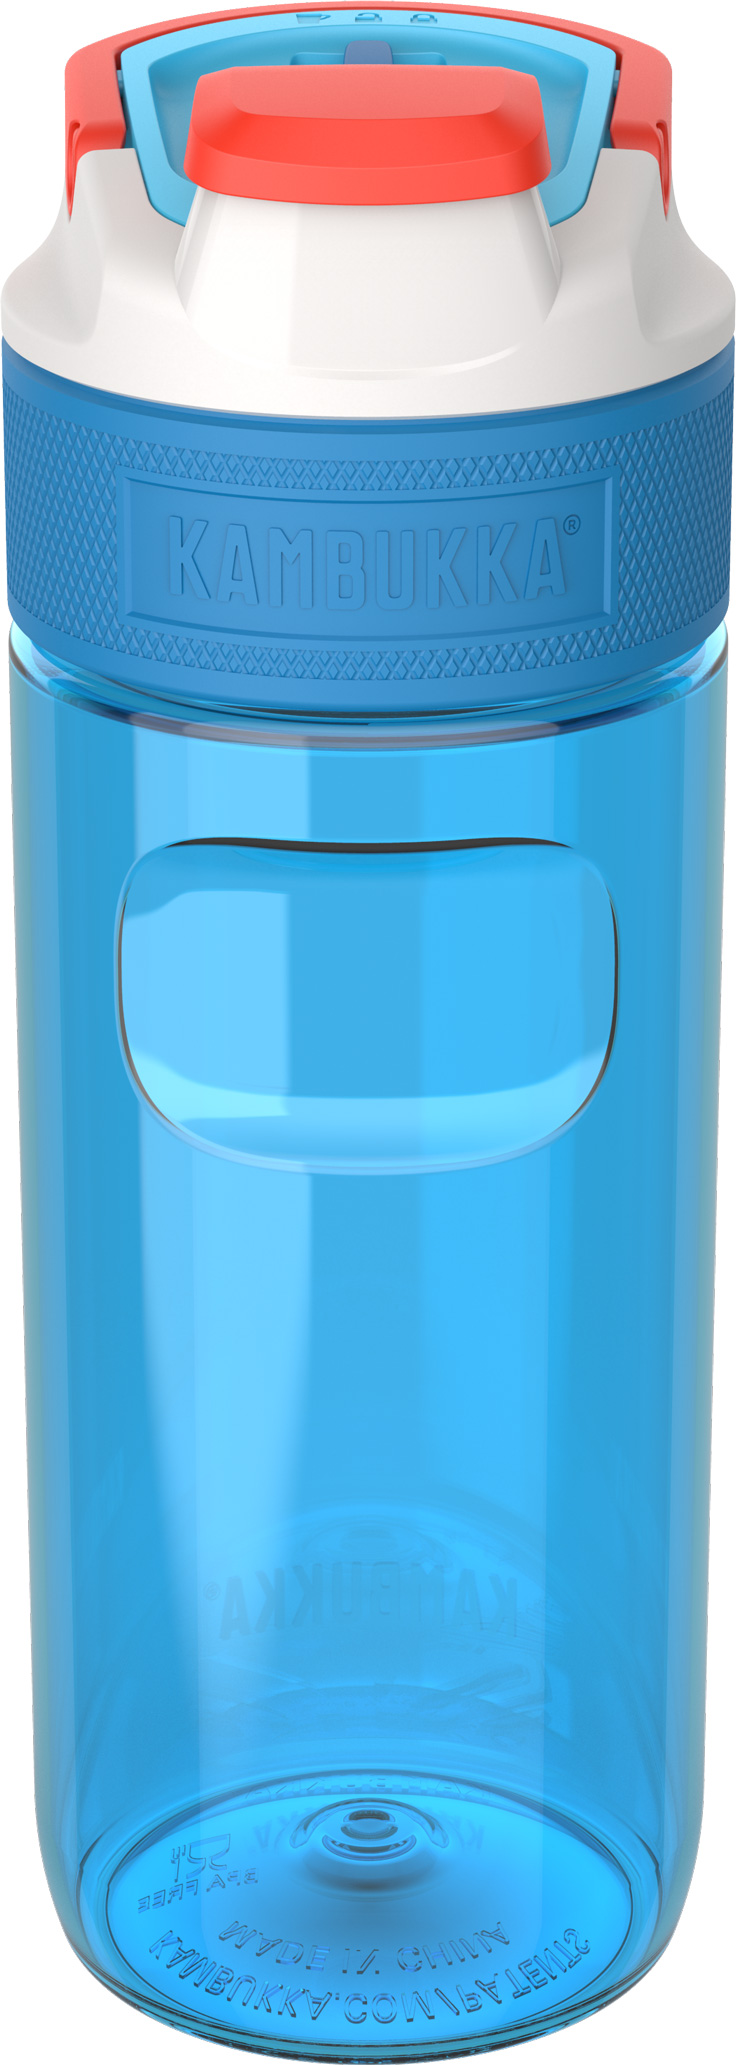 """בקבוק שתיה כחול 500 מ""""ל Kambukka Caribbean Elton קמבוקה"""